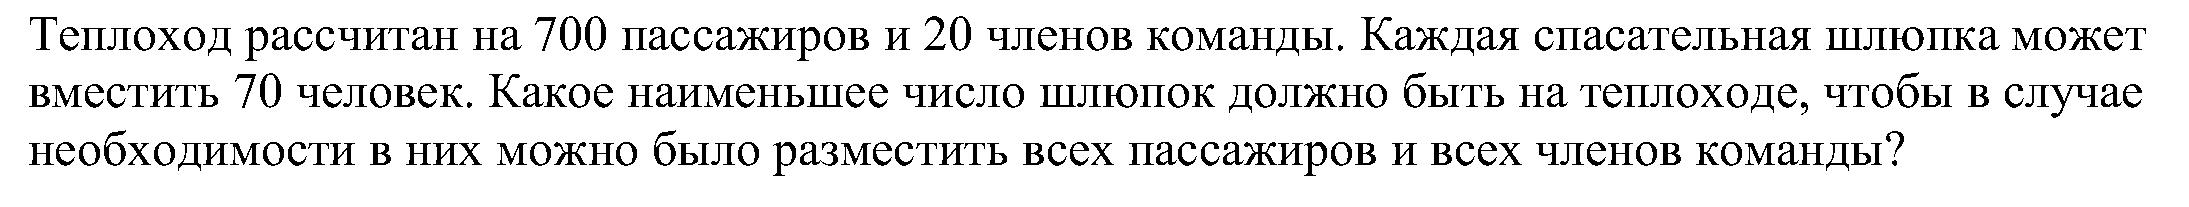 hello_html_m28e04764.png